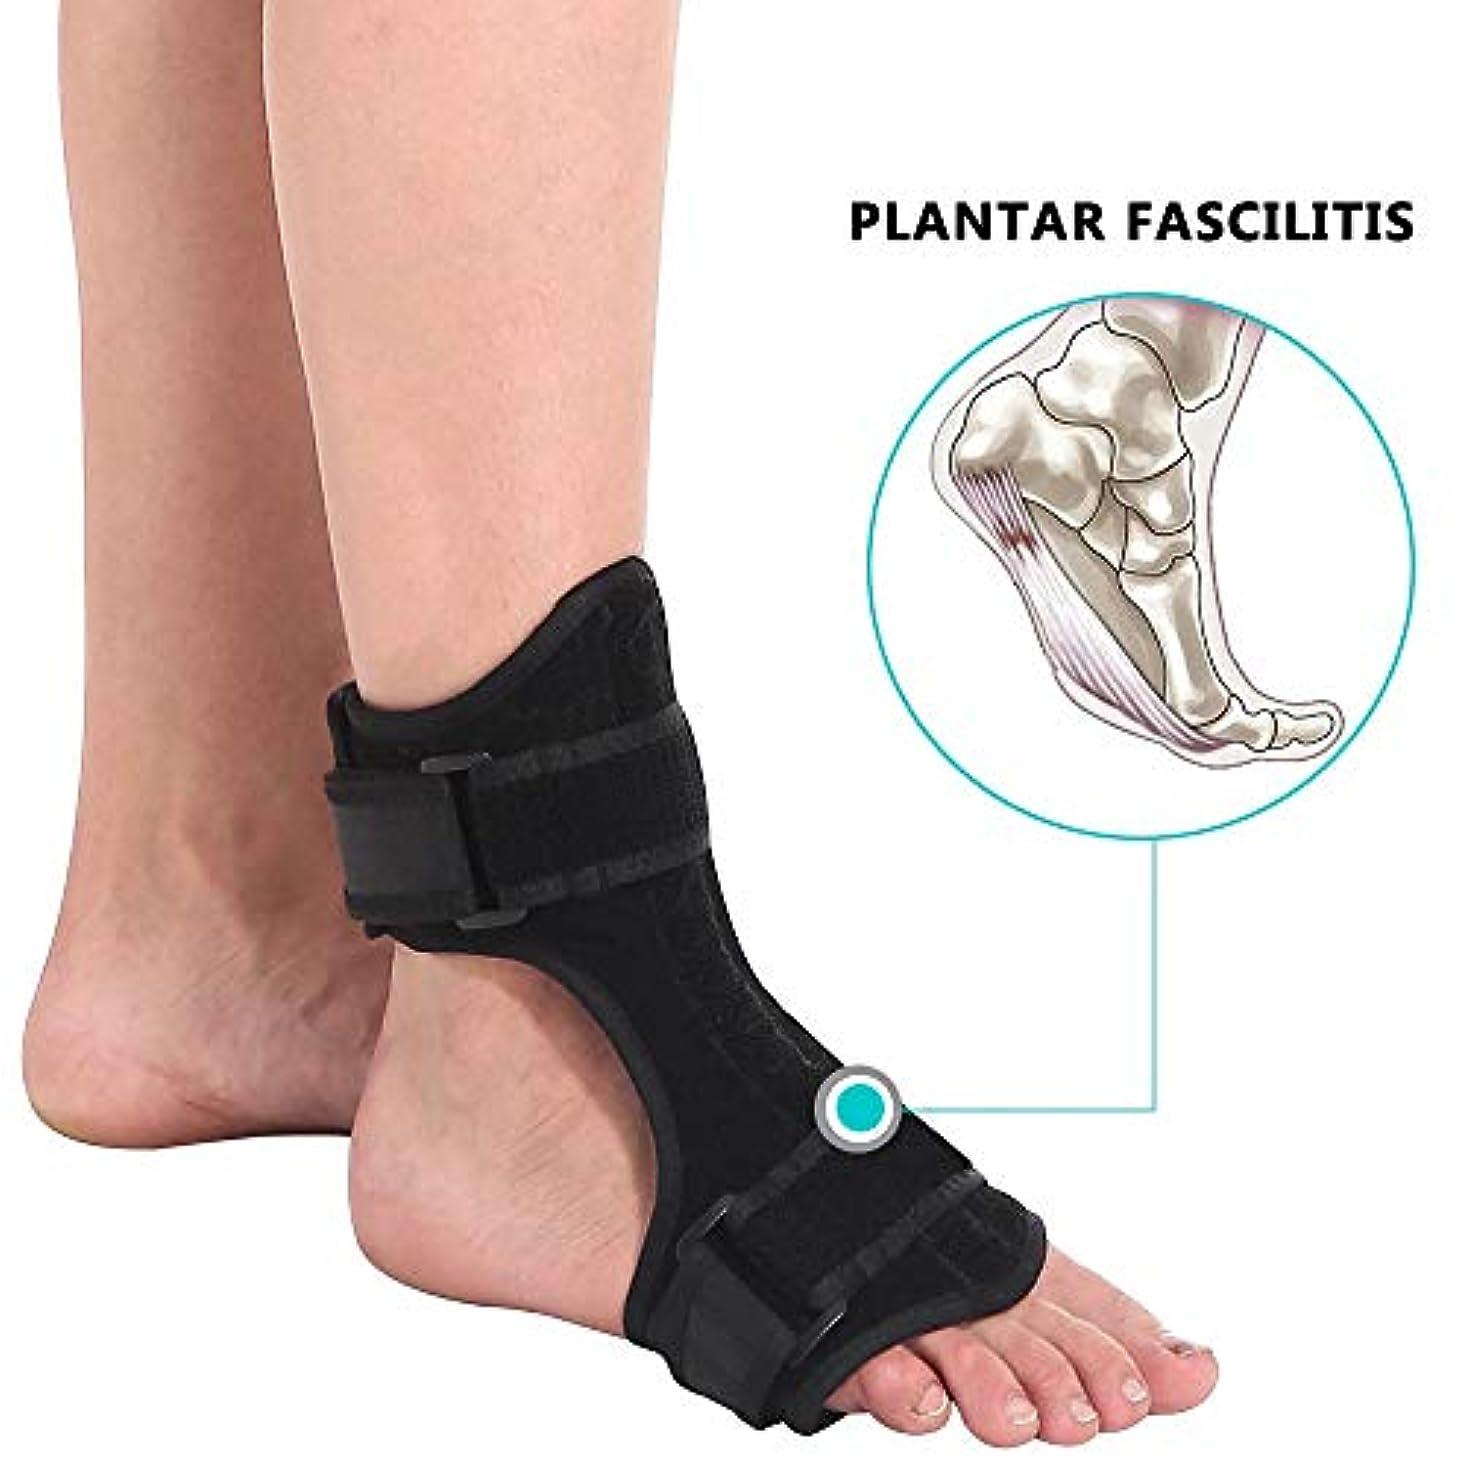 光沢のある参加者遅れTichan ドロップフットスプリンク (ペアではない) 足のドロップブレースヒール 痛みの軽減 調整可能 オルトドンティストの つま先 オルトドンティスト 脚枕 脚 & 膝サポート